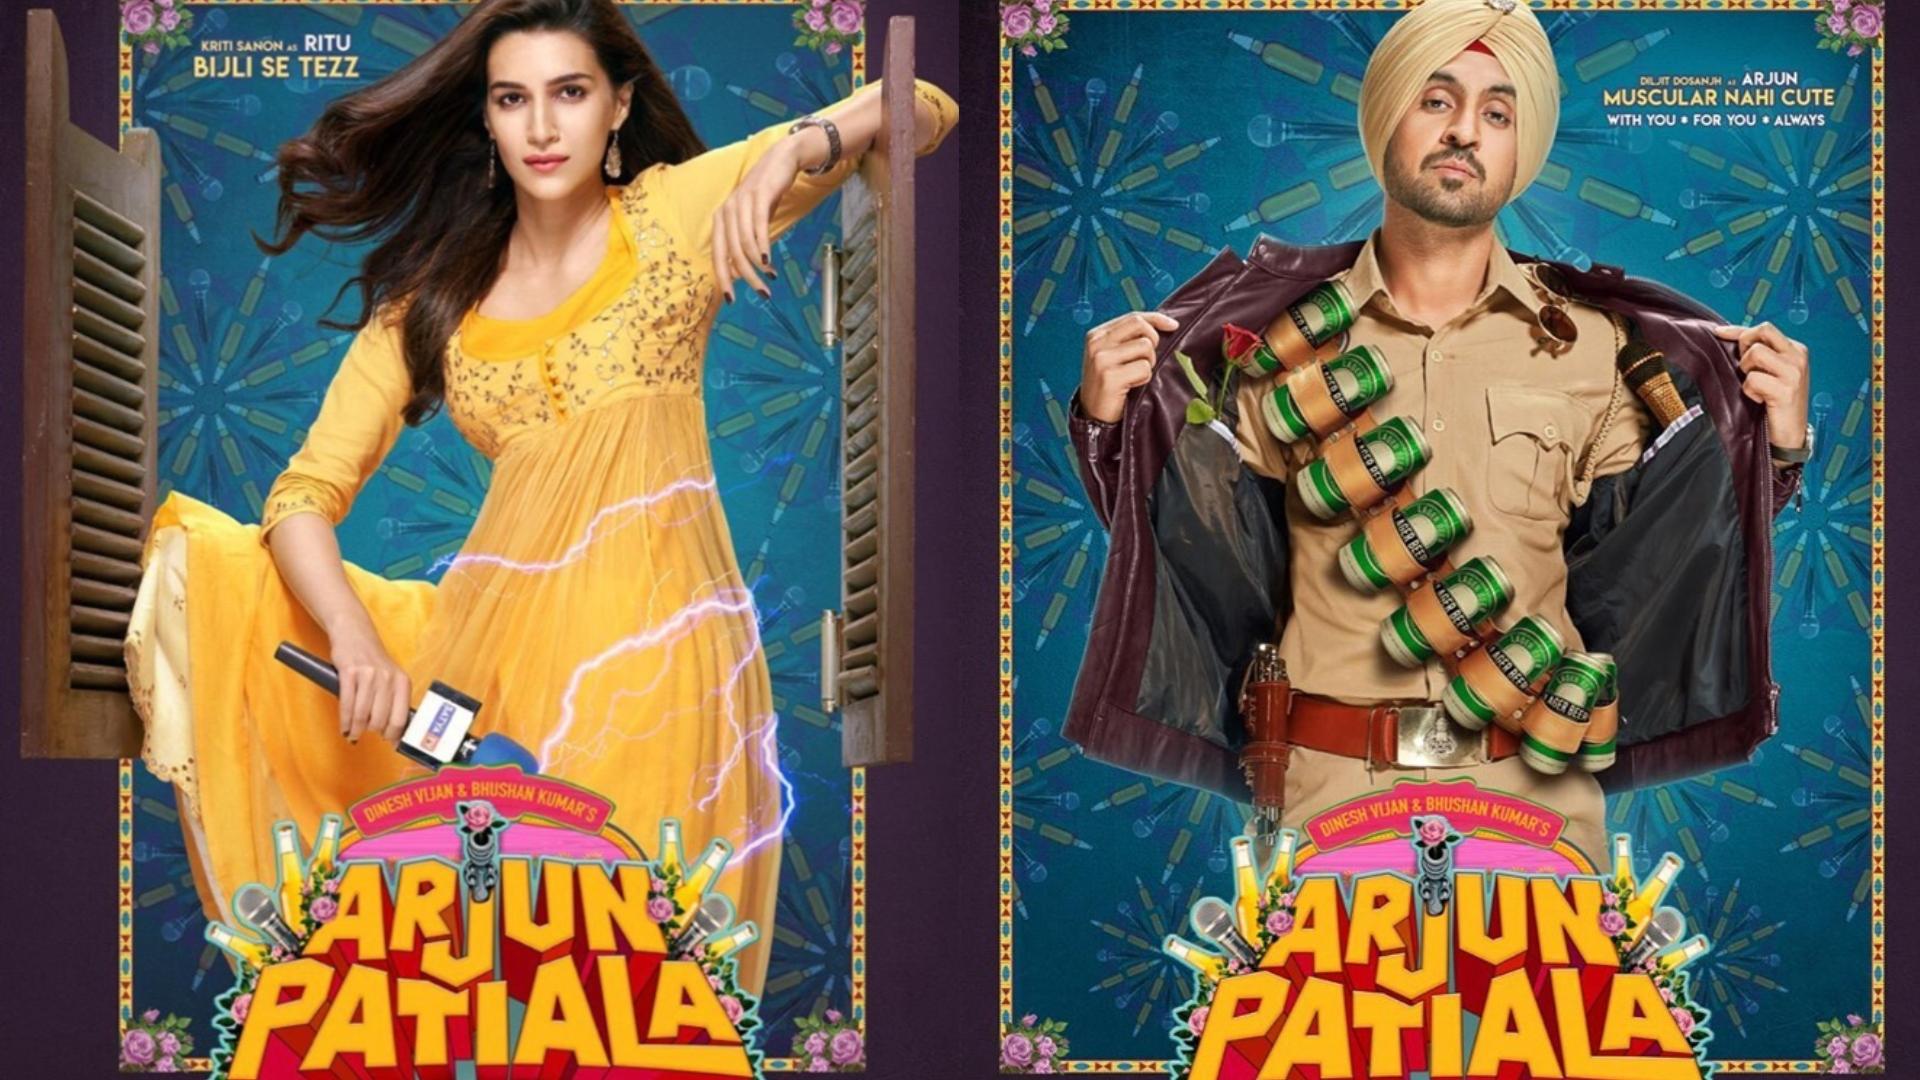 दिलजीत दोसांझ और कृति सेनन स्टारर फिल्म 'अर्जुन पटियाला' का पोस्टर हुआ रिलीज, इस दिन आएगा फिल्म का ट्रेलर